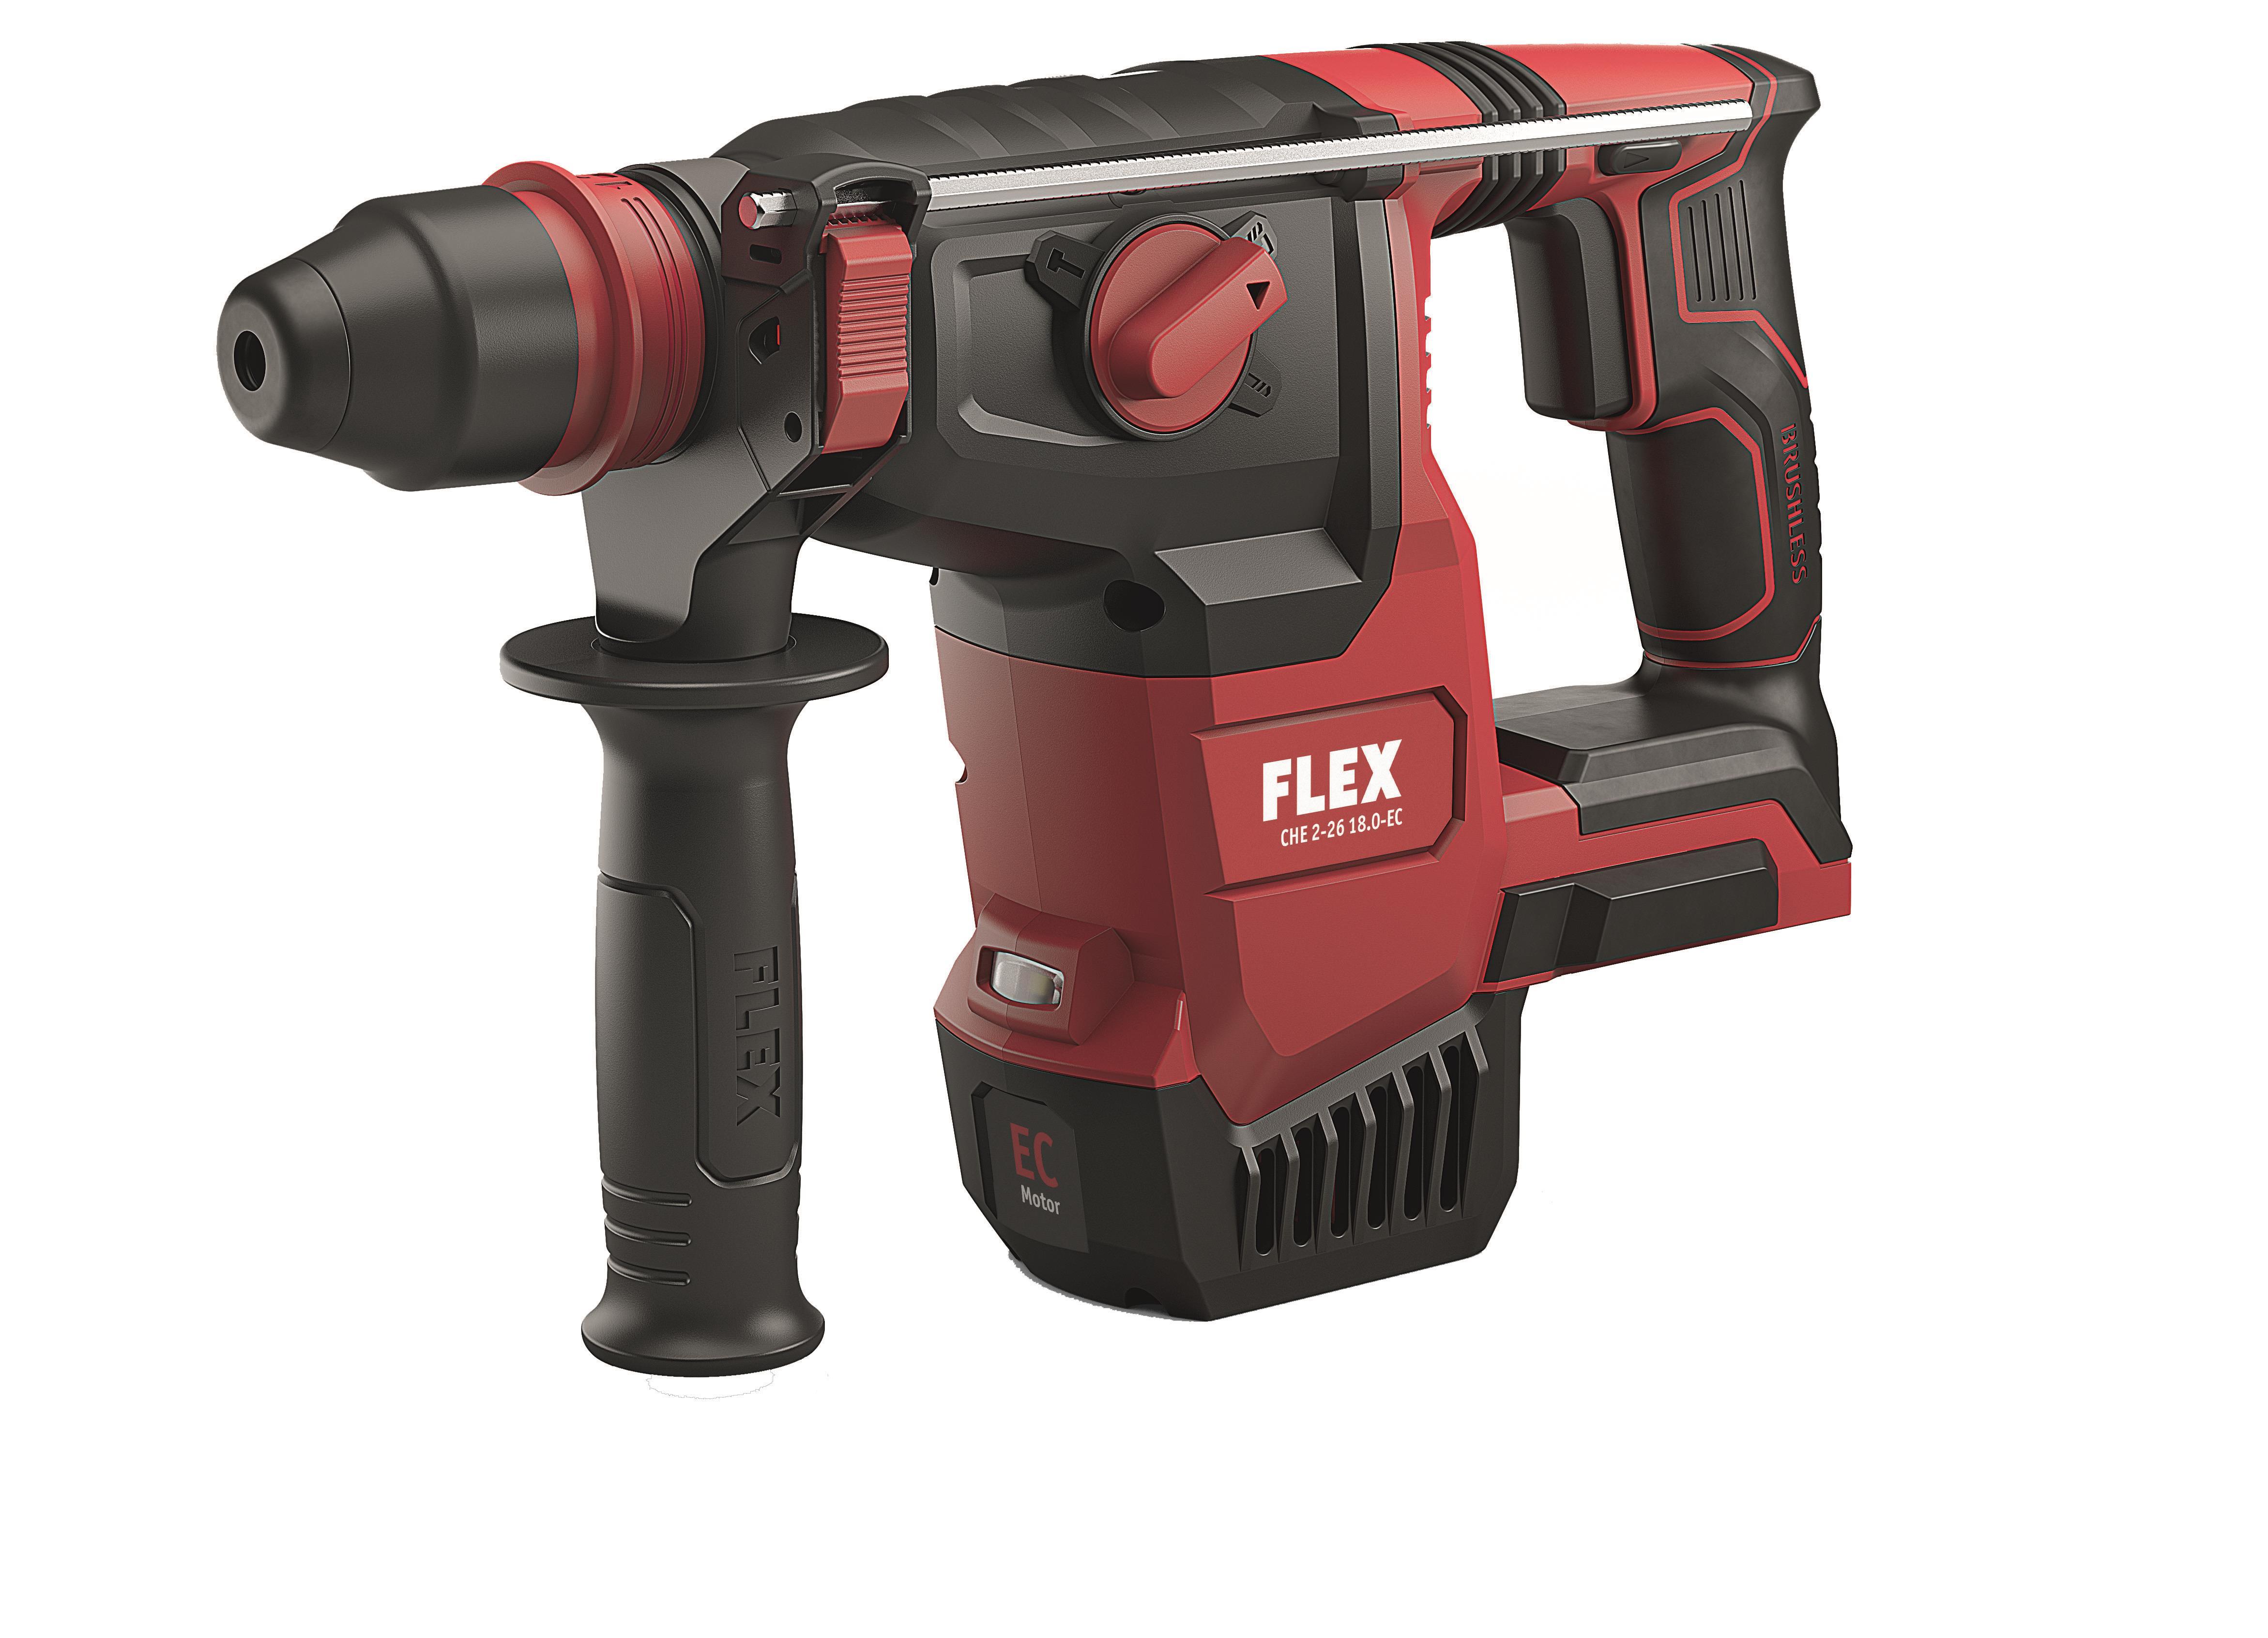 Flex CHE2-26 18.0-EC K Kombihammare utan batterier och laddare